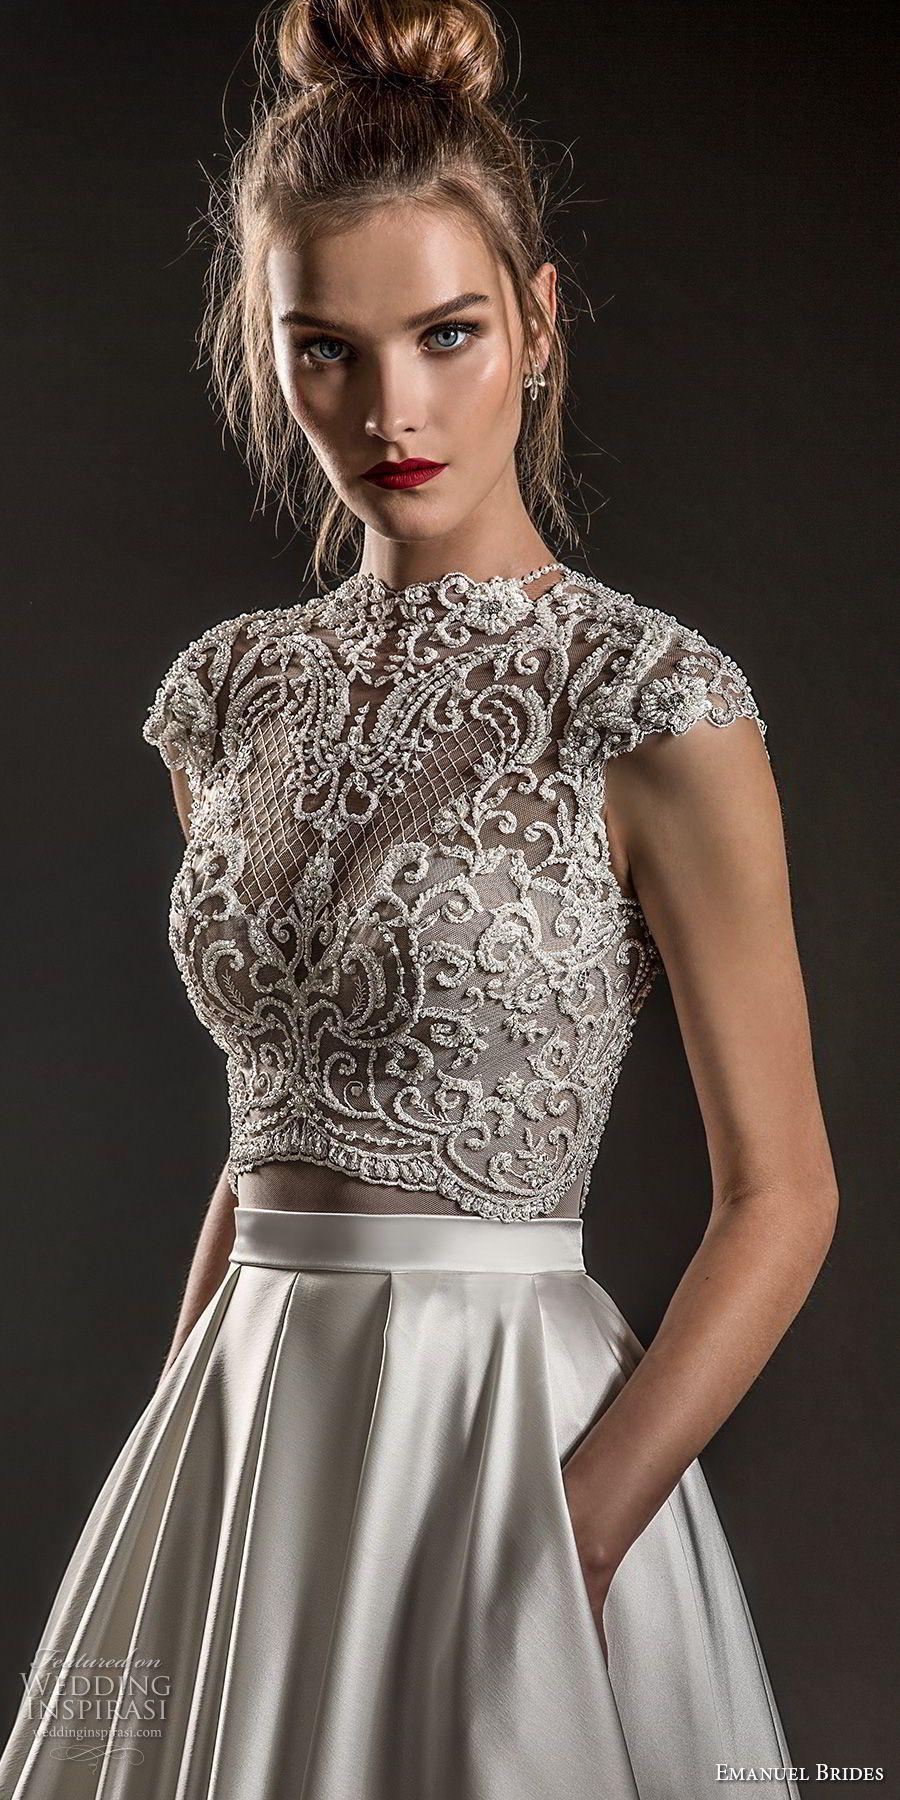 emanuel brides 2018 bridal cap sleeves jewel neckline